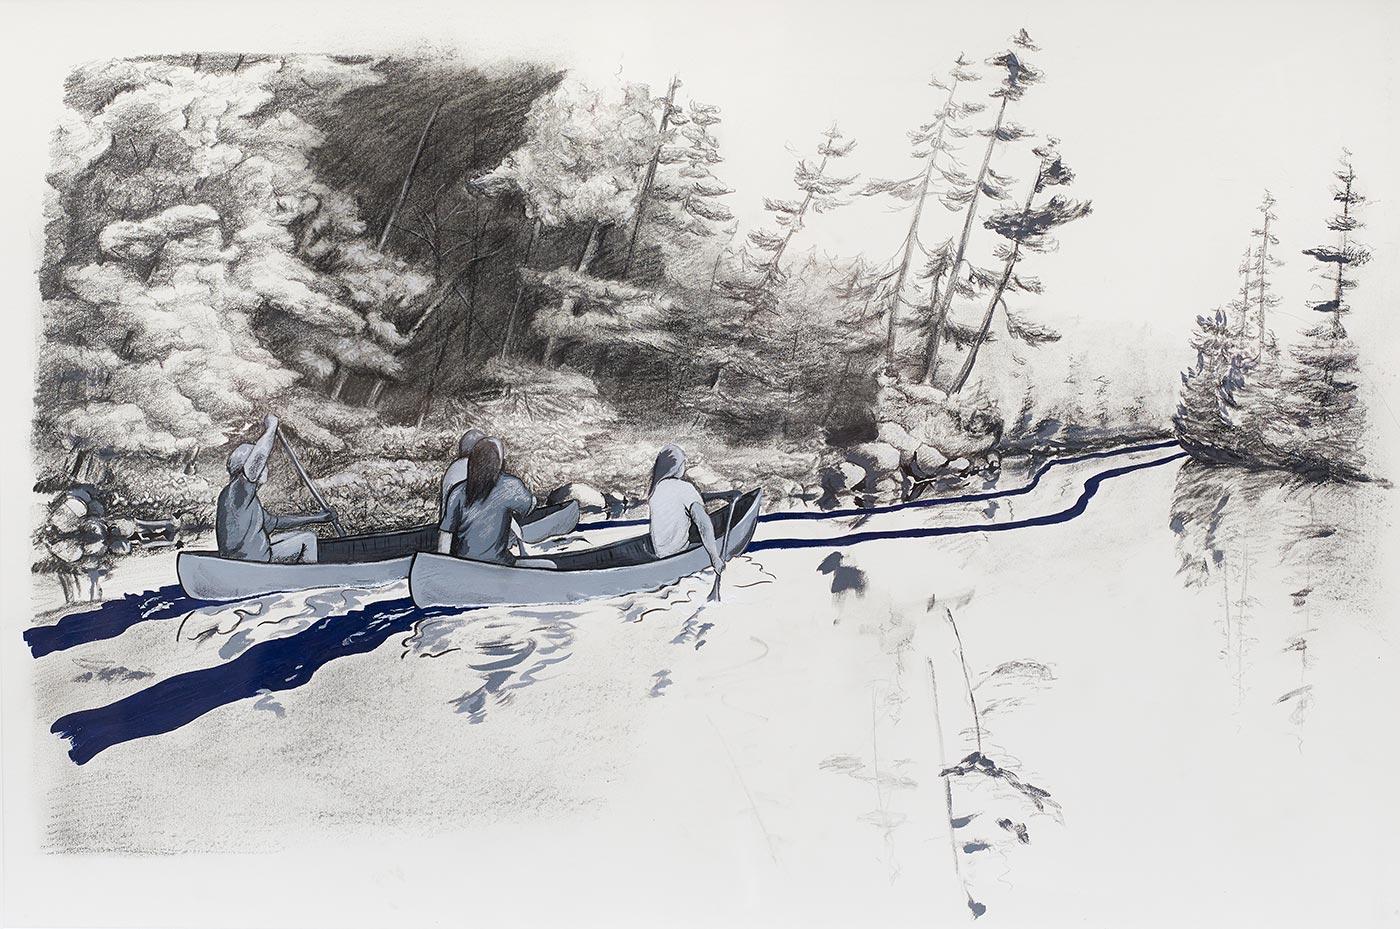 Kalynn C. Sinnamon (née Le Blanc)  - Two Row